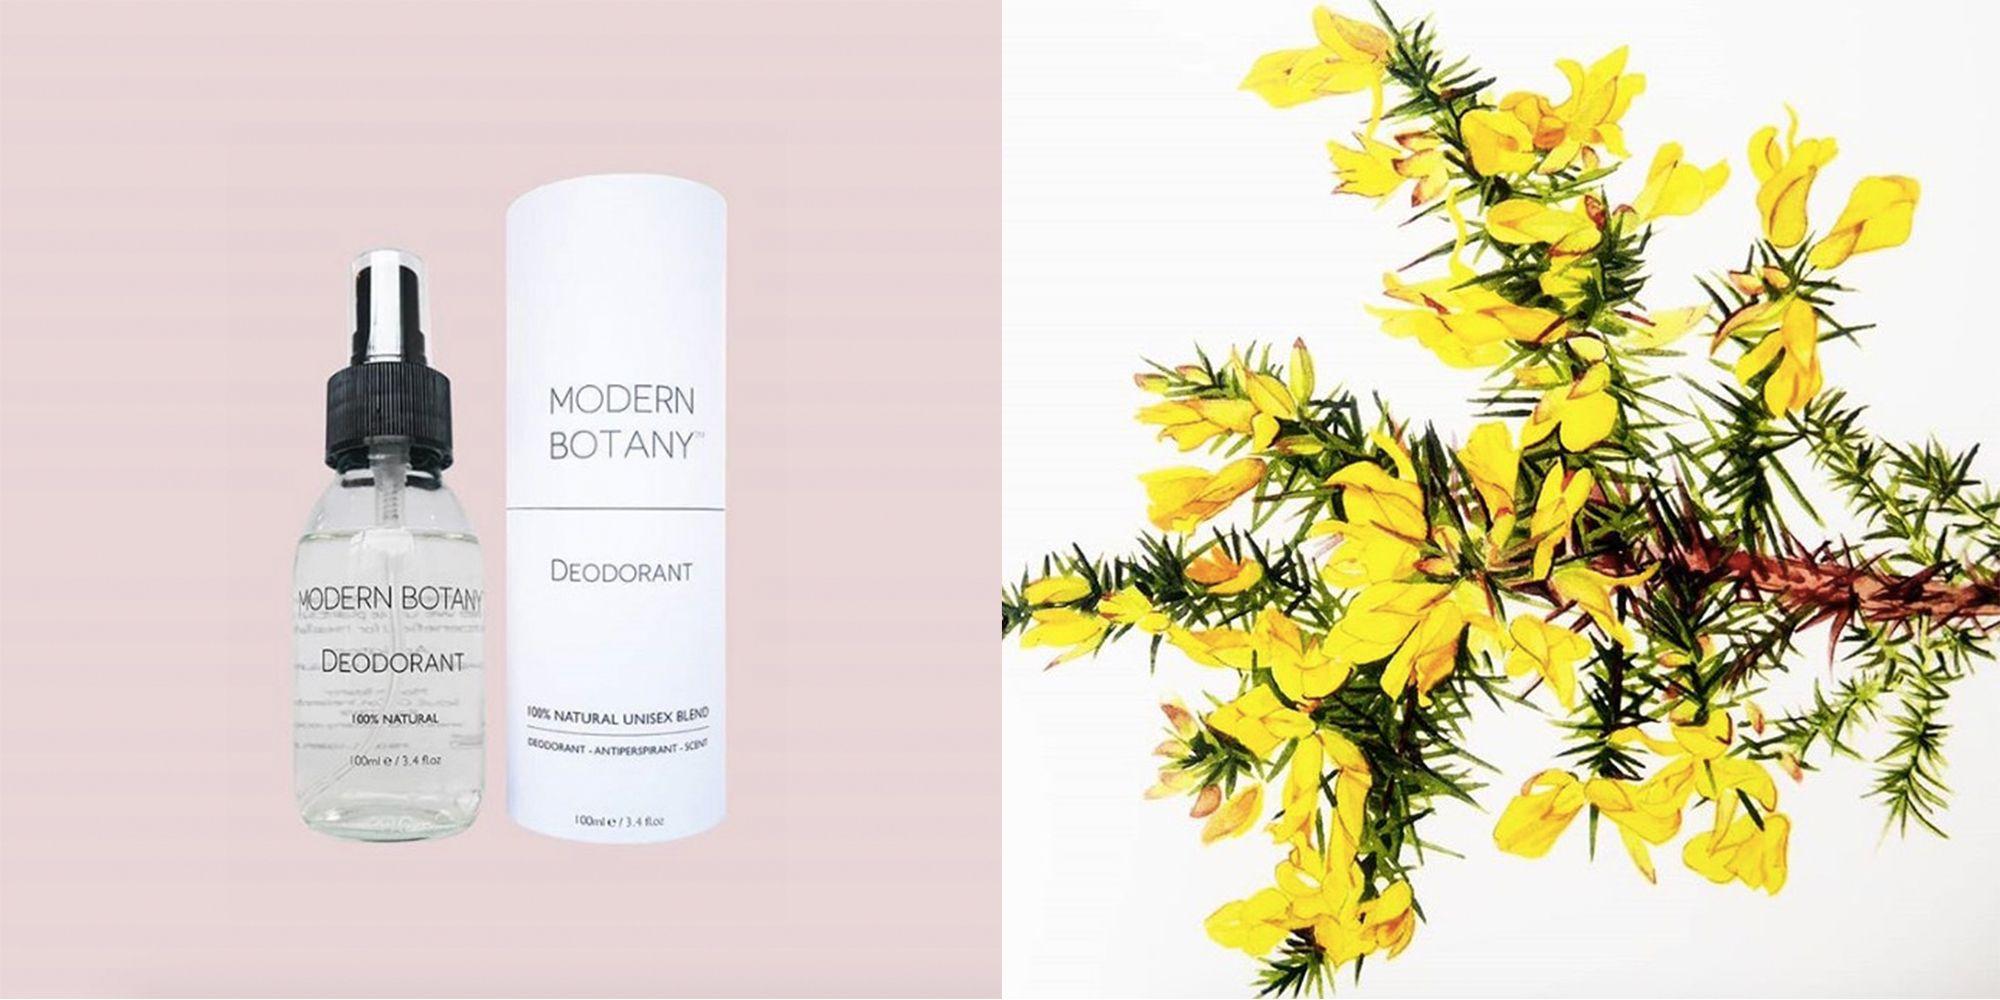 Modern Botany Deodorant